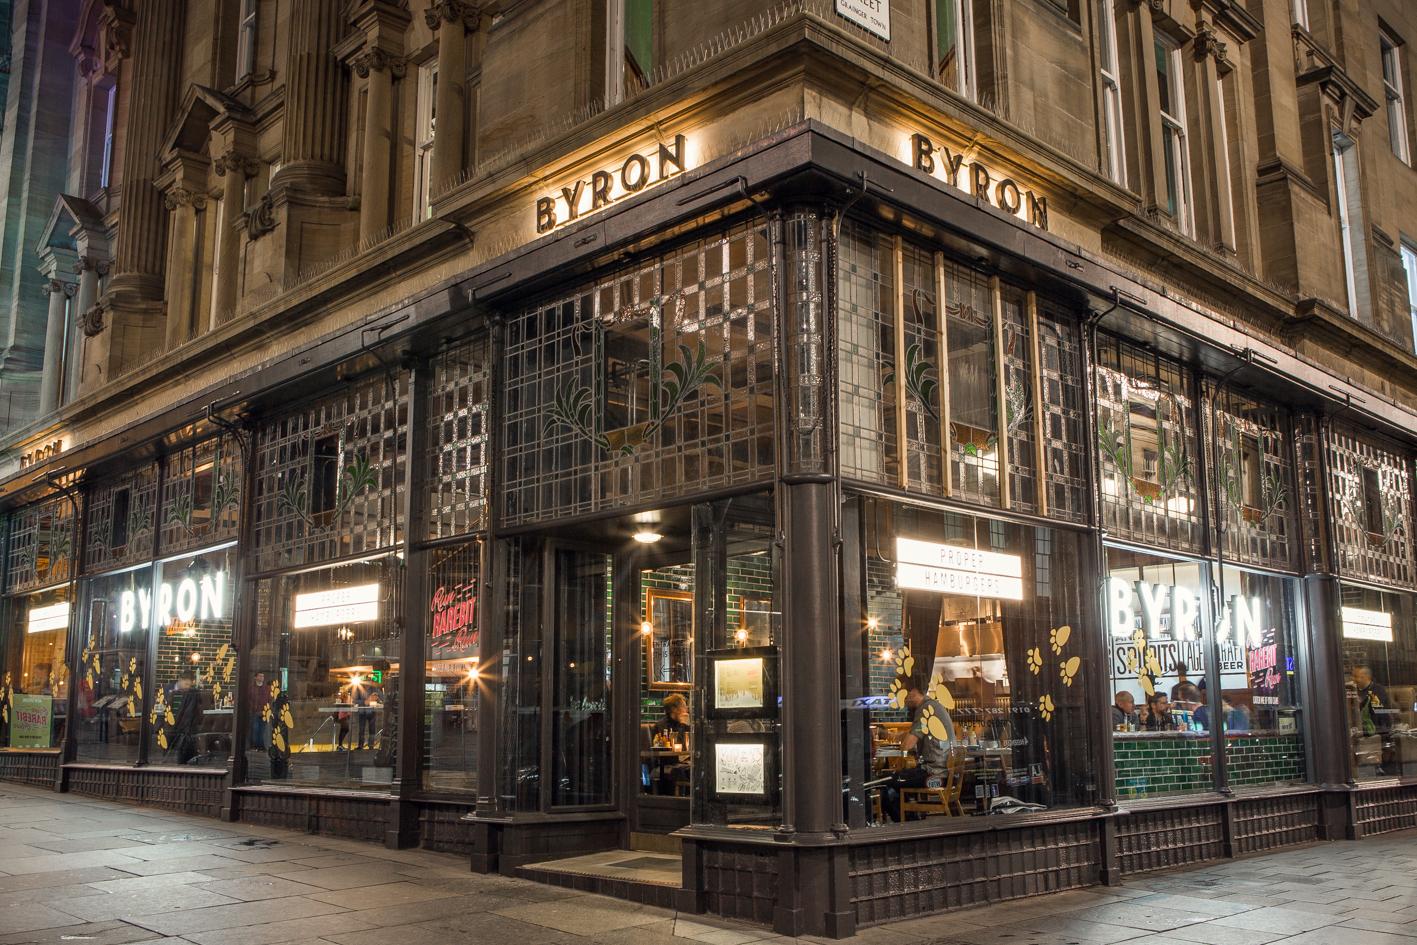 Byron - Newcastle